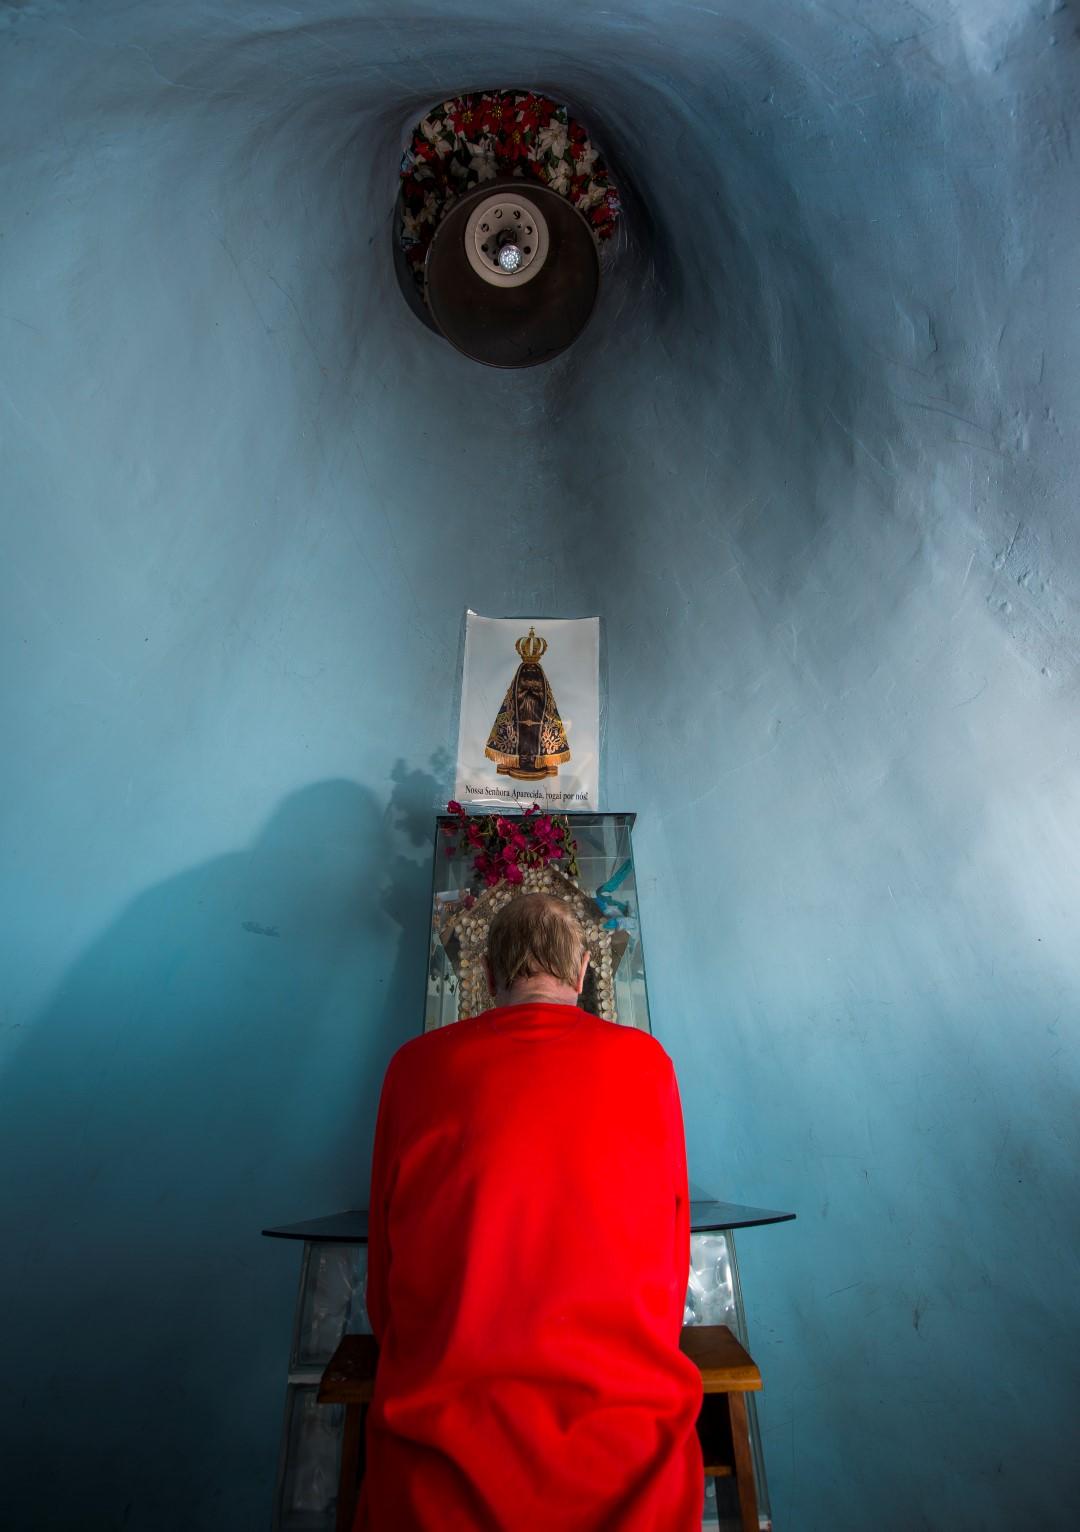 Área da capela fica aberta ao público e recebe até ônibus com turistas. Foto: Letícia Akemi / Gazeta do Povo.